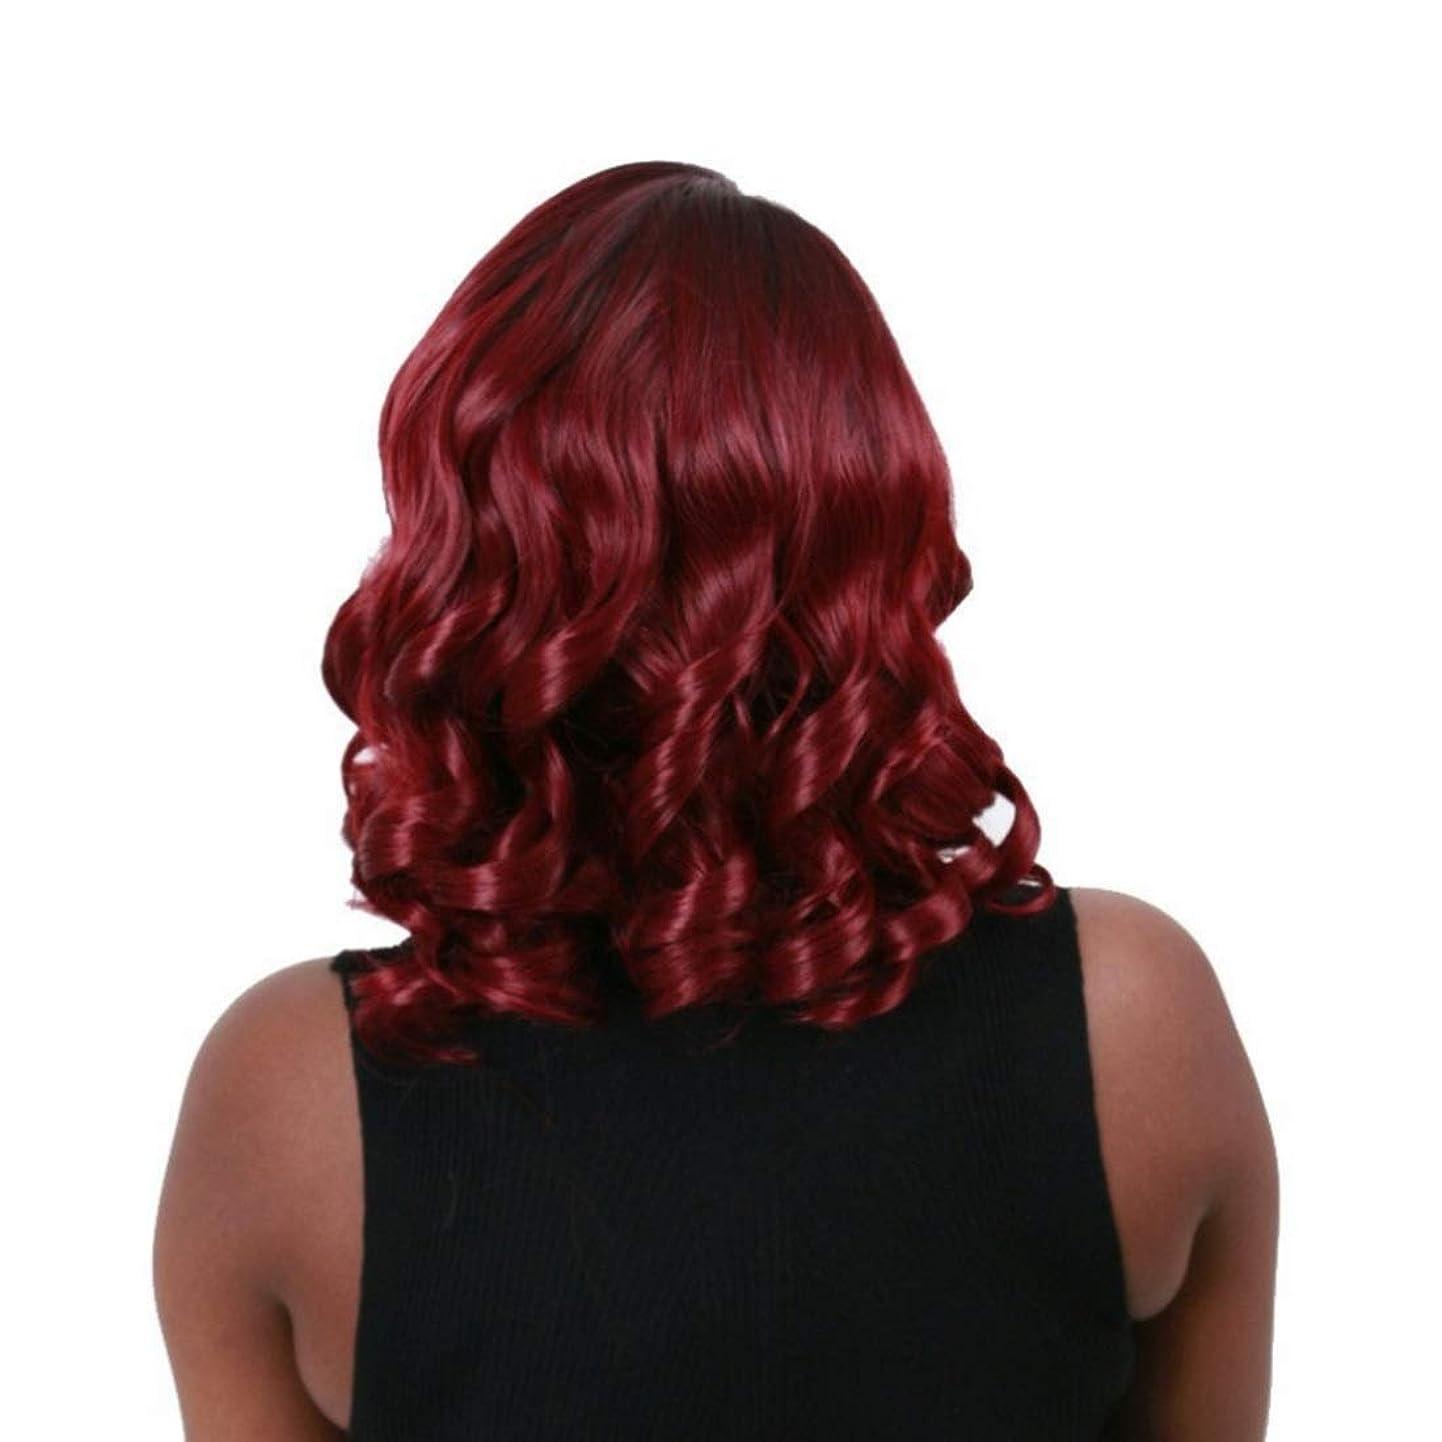 透明に呼吸する人種Summerys かつら女性のための傾斜前髪ショートカーリーヘアーワインレッド高温シルクウィッグ